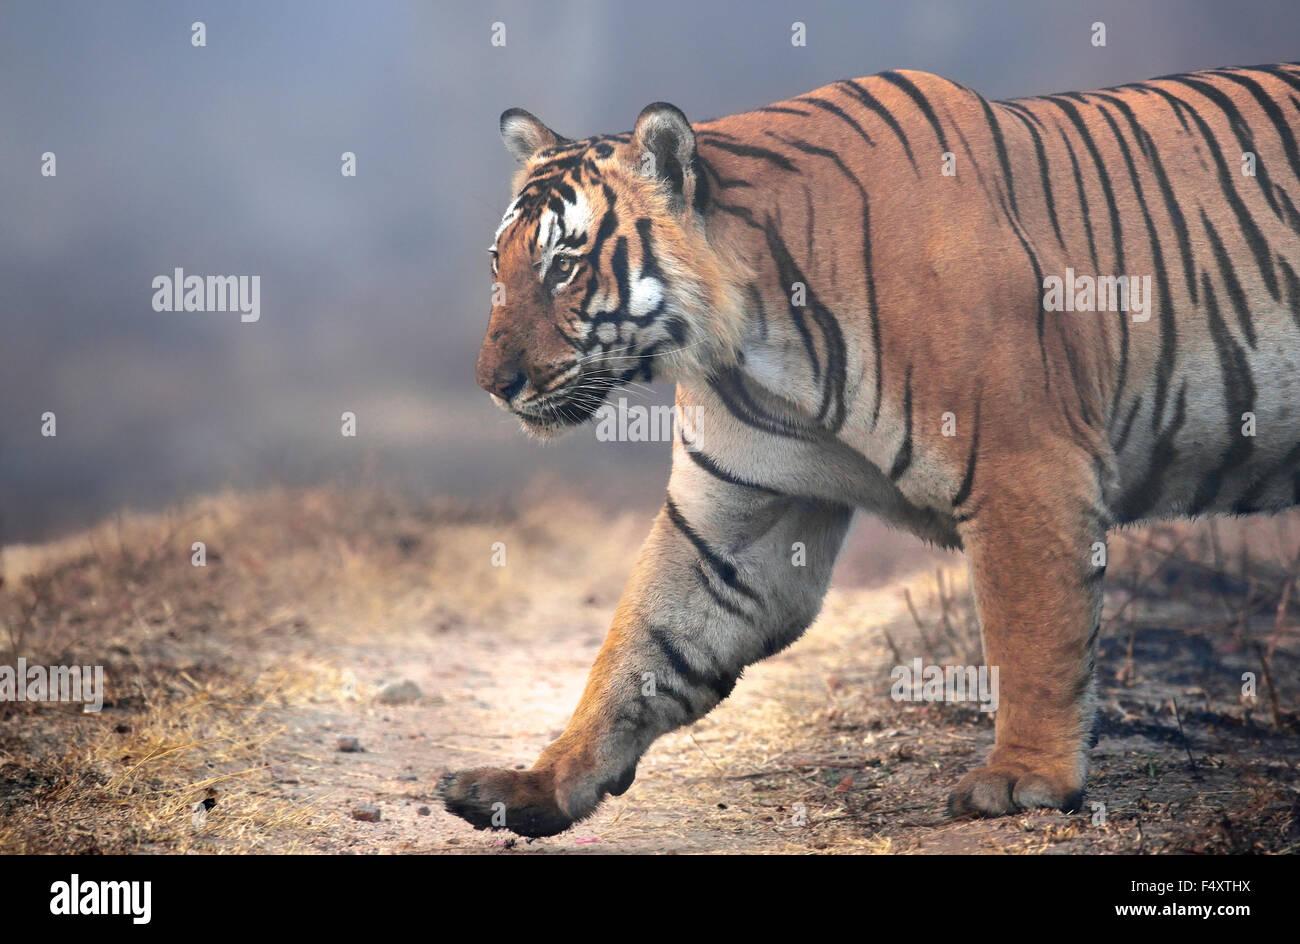 HUGE TIGER ! A big tiger covered in mist ! - Stock Image